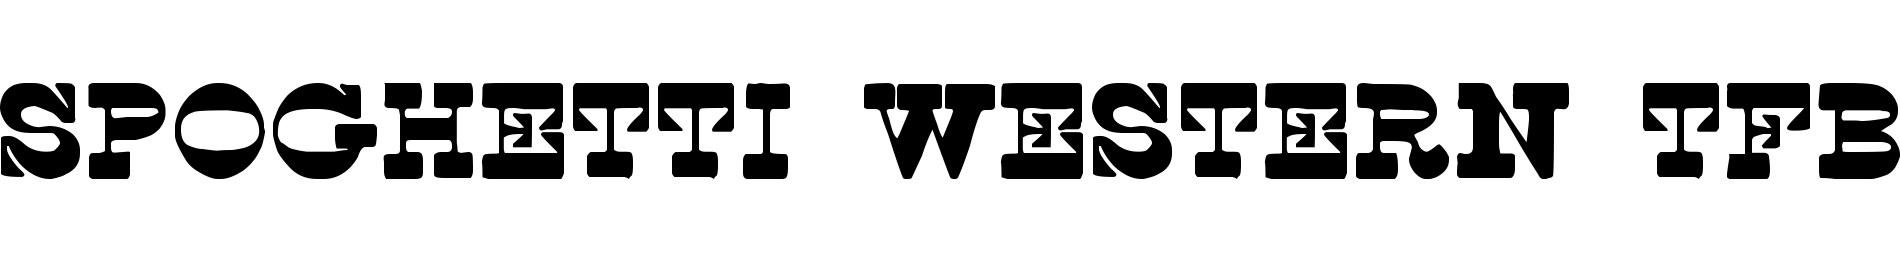 Spoghetti Western tfb